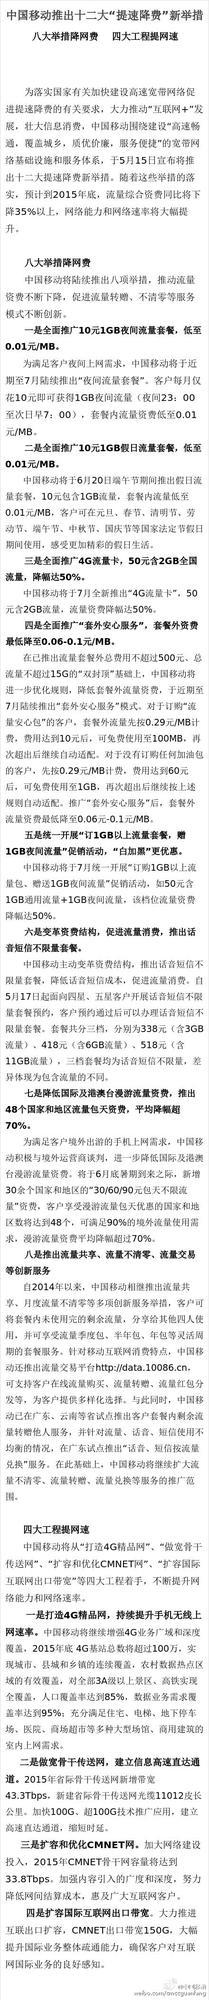 中国移动提速降价方案:推出流量不清零服务